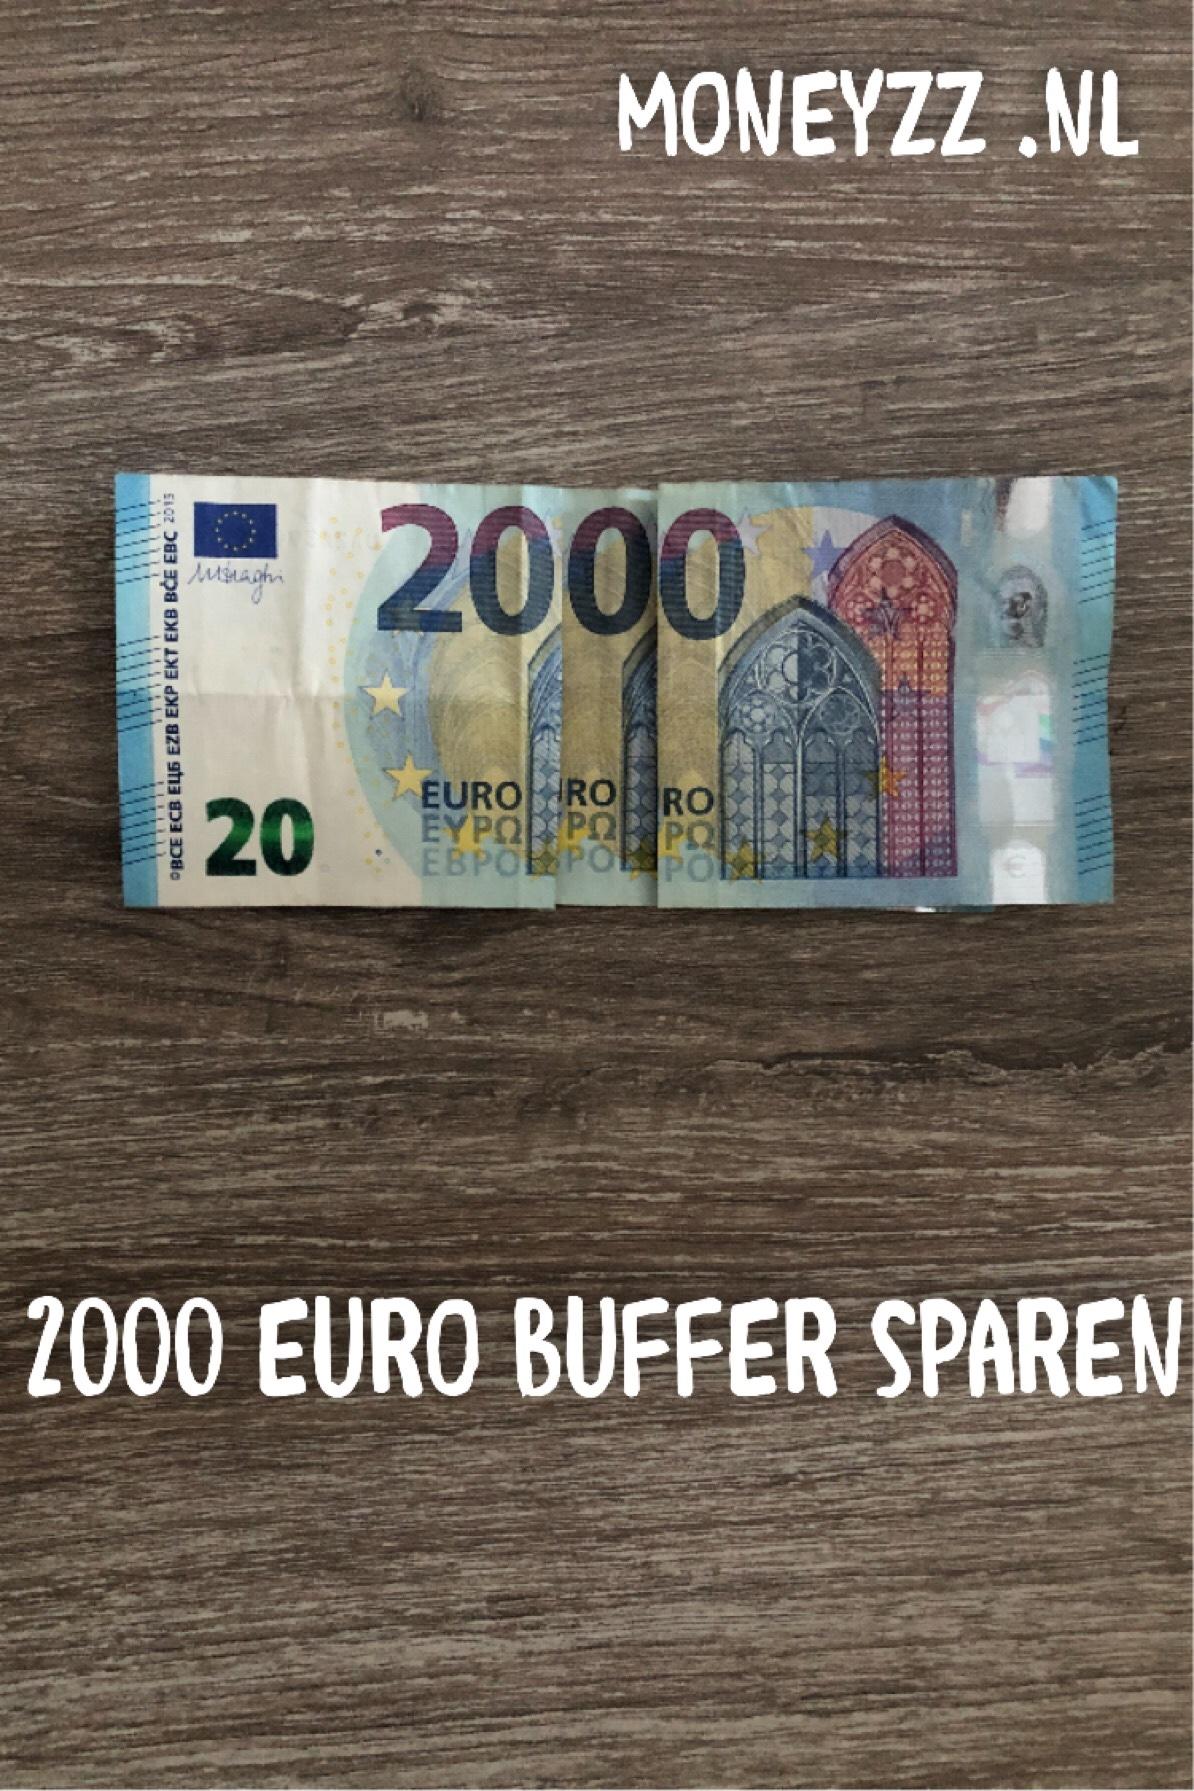 2000 euro buffer sparen